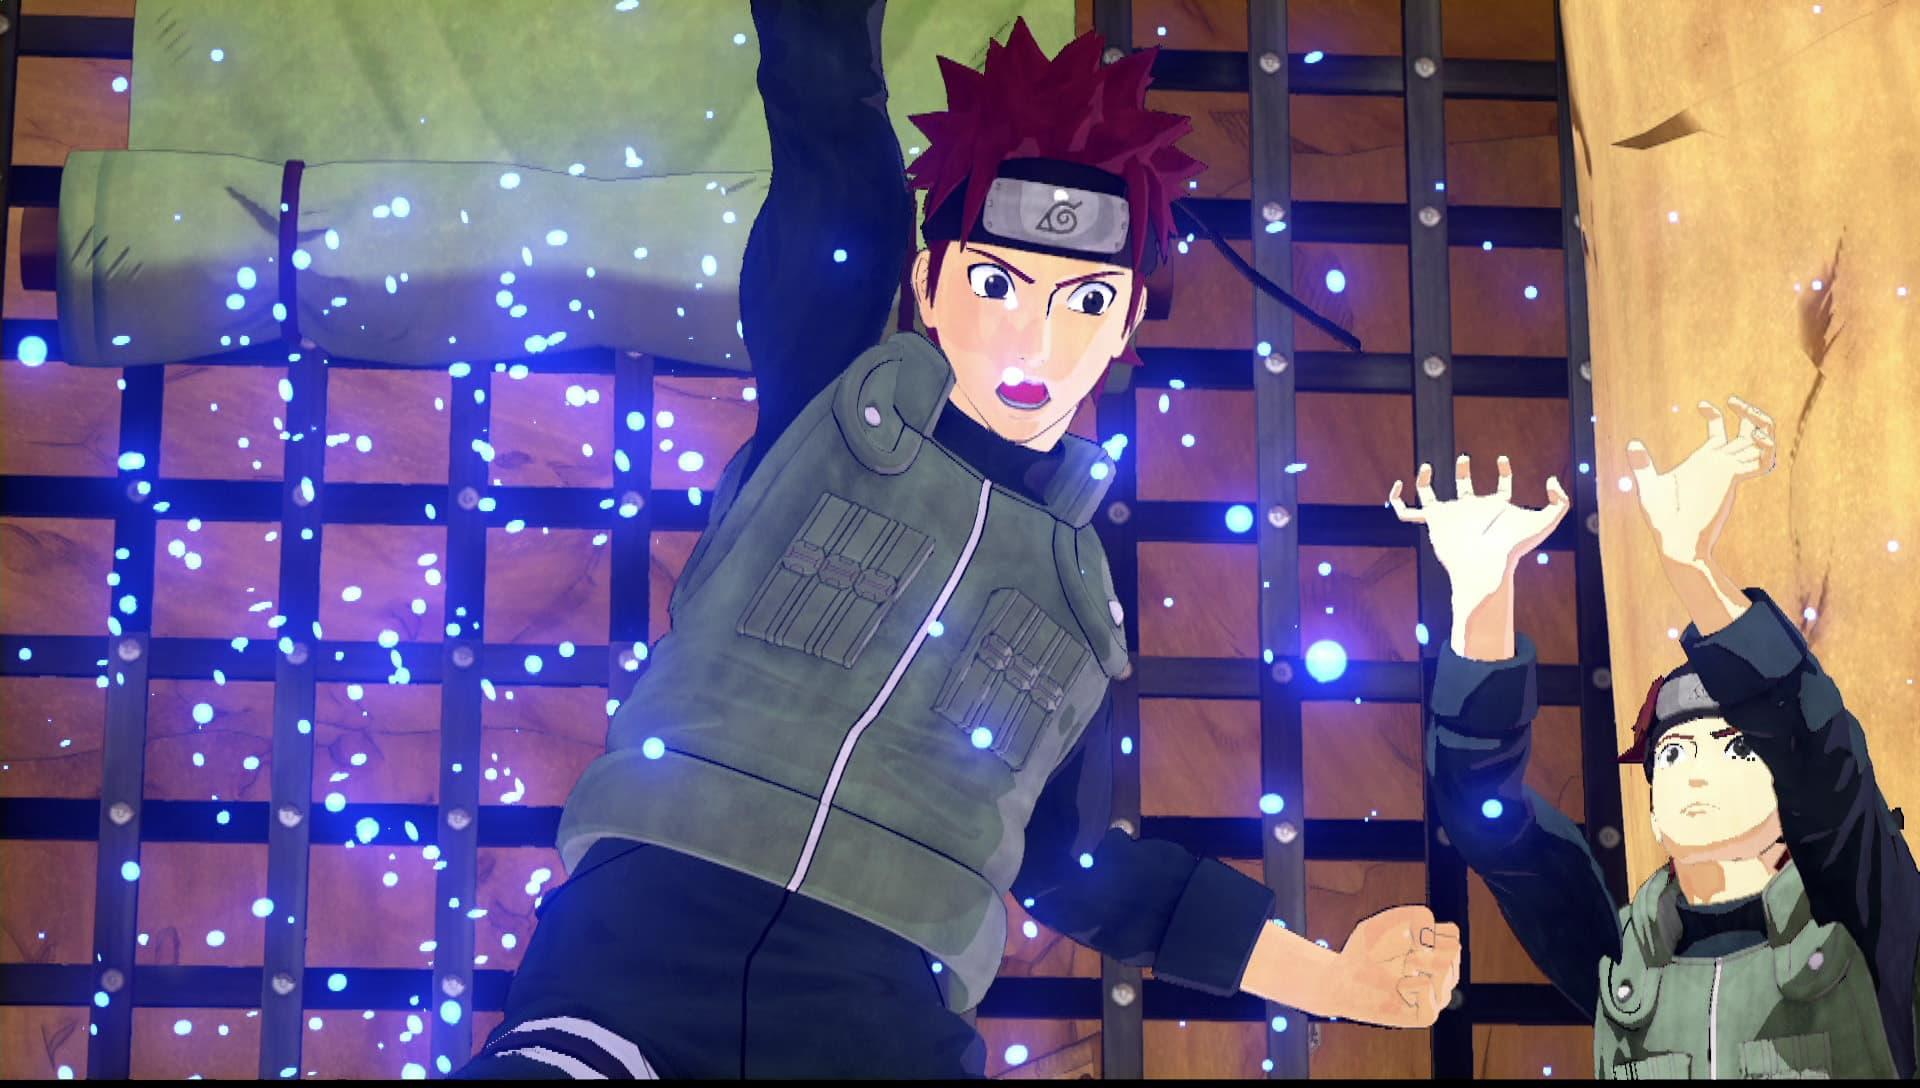 Naruto to Boruto: Shinobi Striké